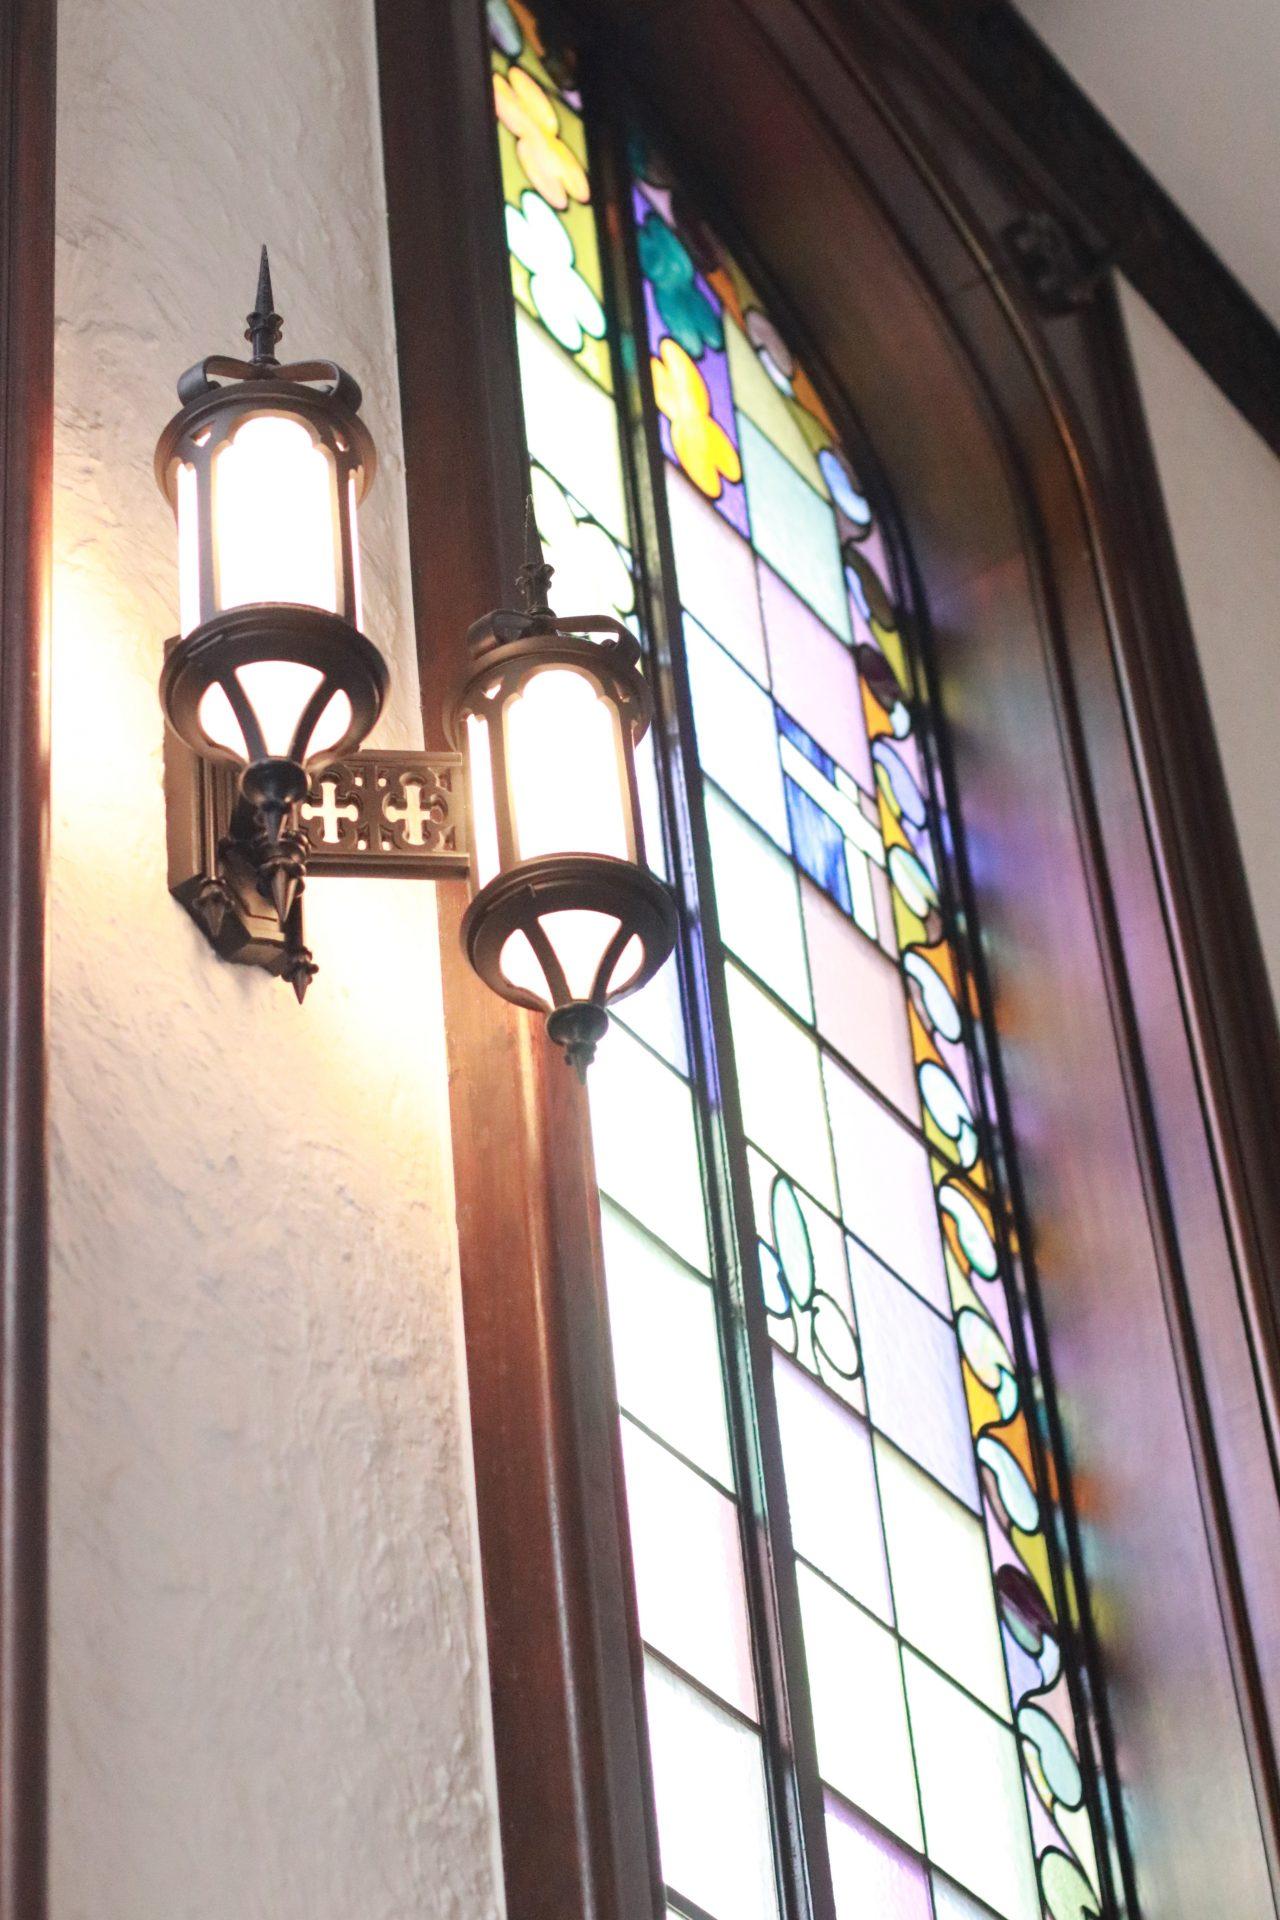 永田町にある赤坂プリンスクラシックハウスのステンドガラスは、赤坂プリンスホテル旧館として建てられた当時から残り続ける有形文化財のひとつです